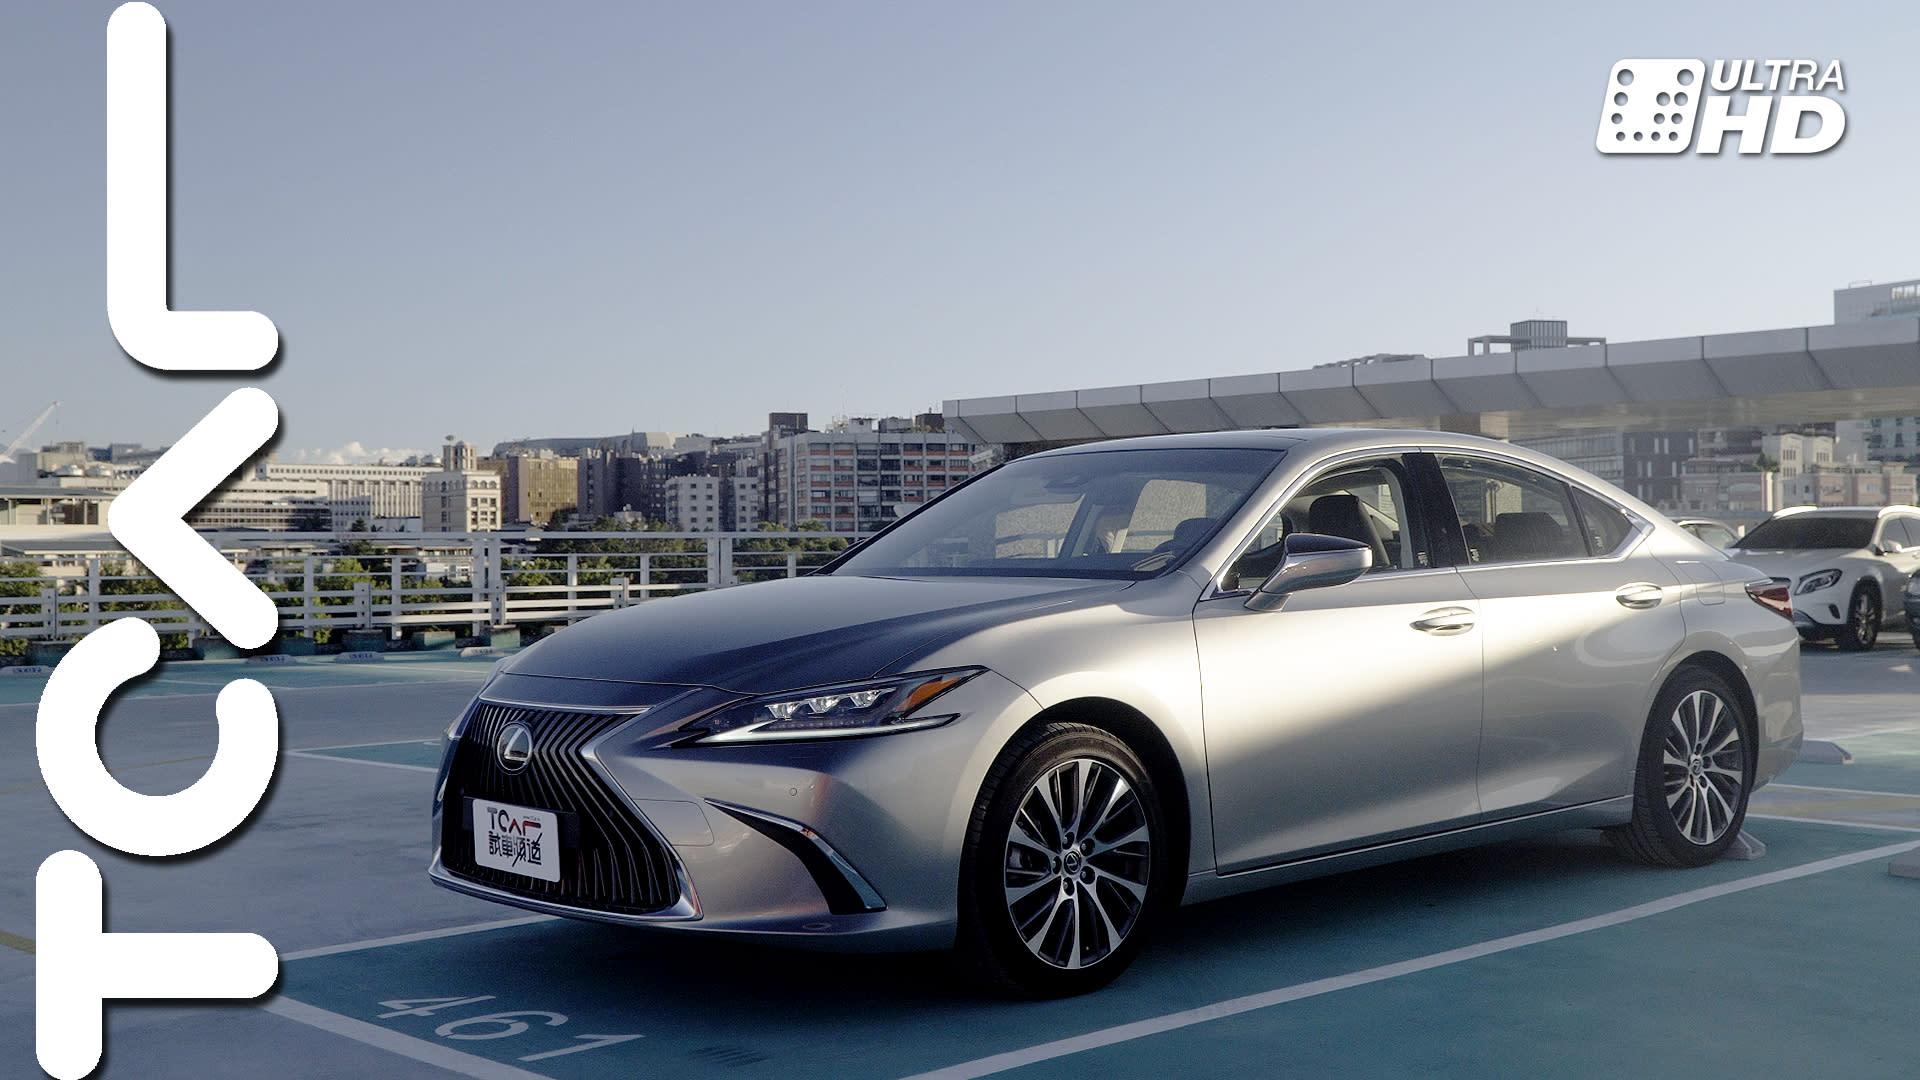 驚艷操控力 2018 Lexus ES 新車試駕 - TCAR